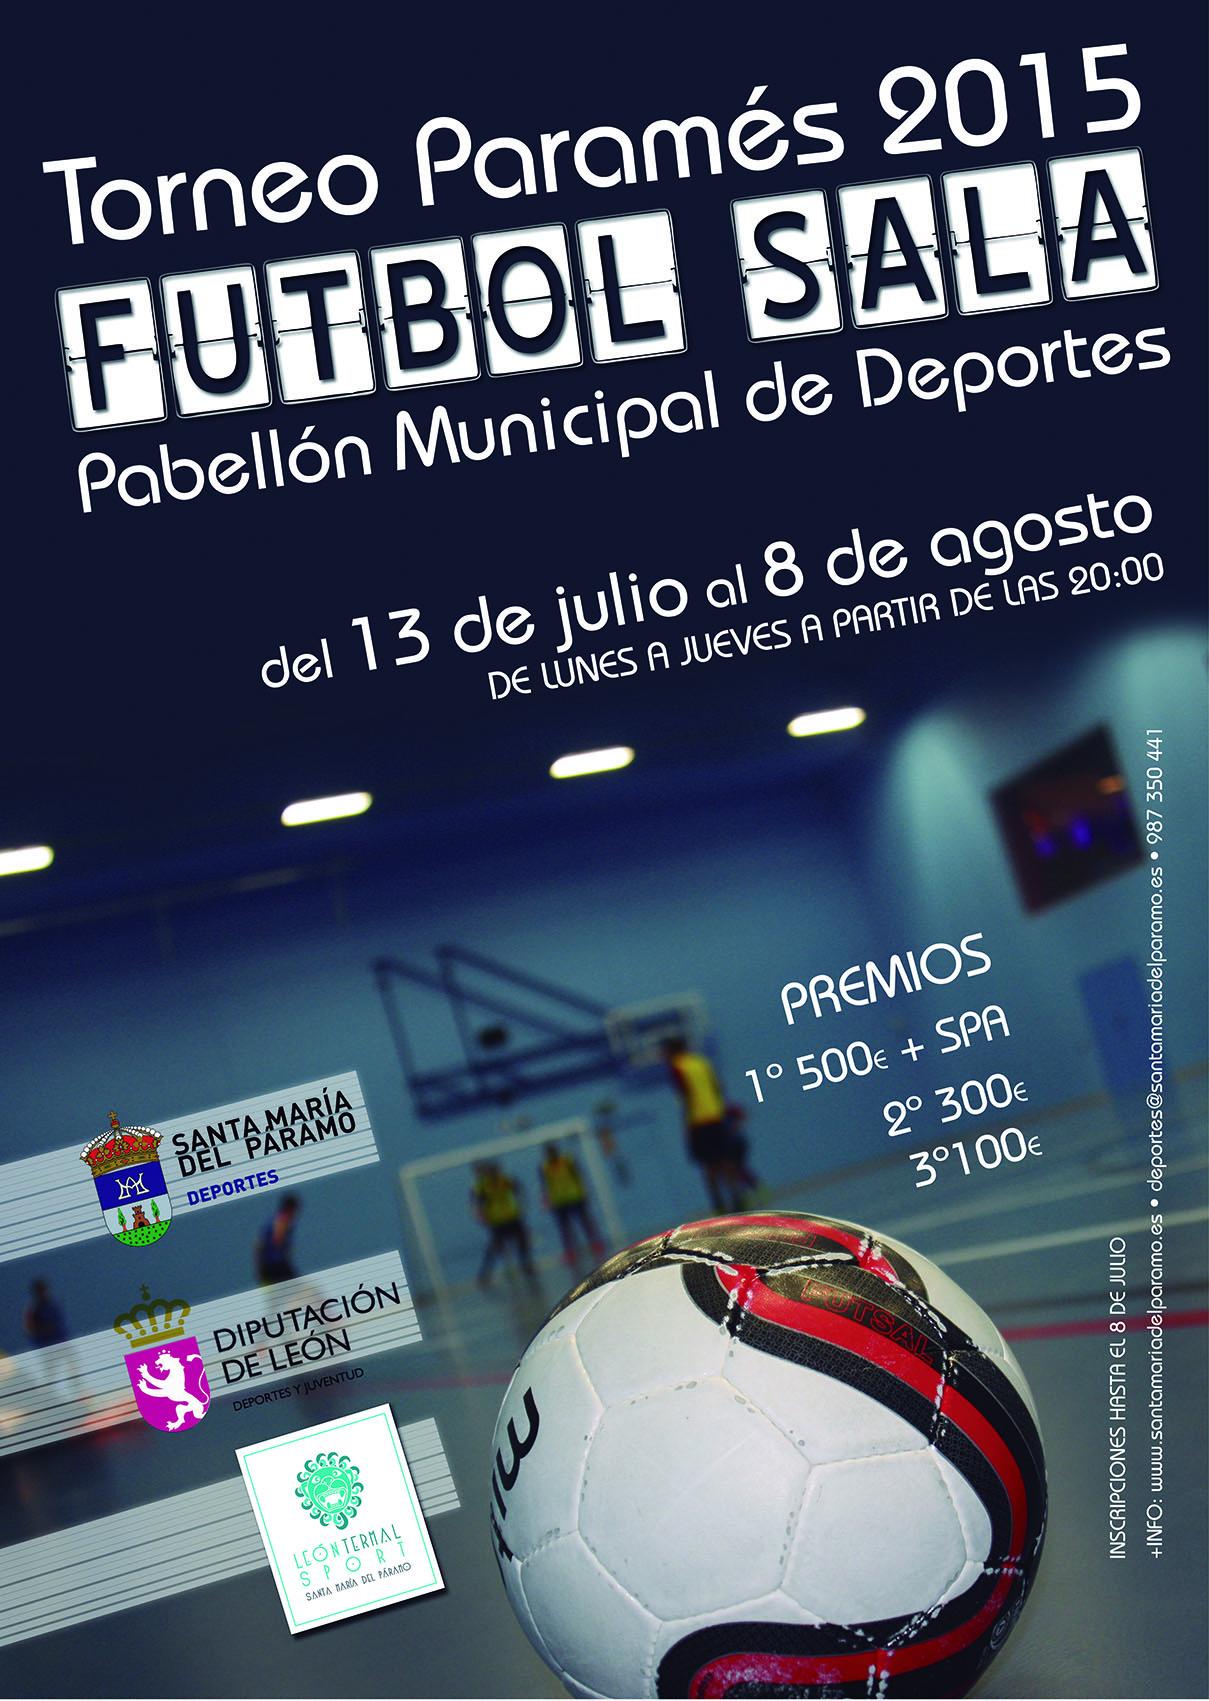 futbolsala2015